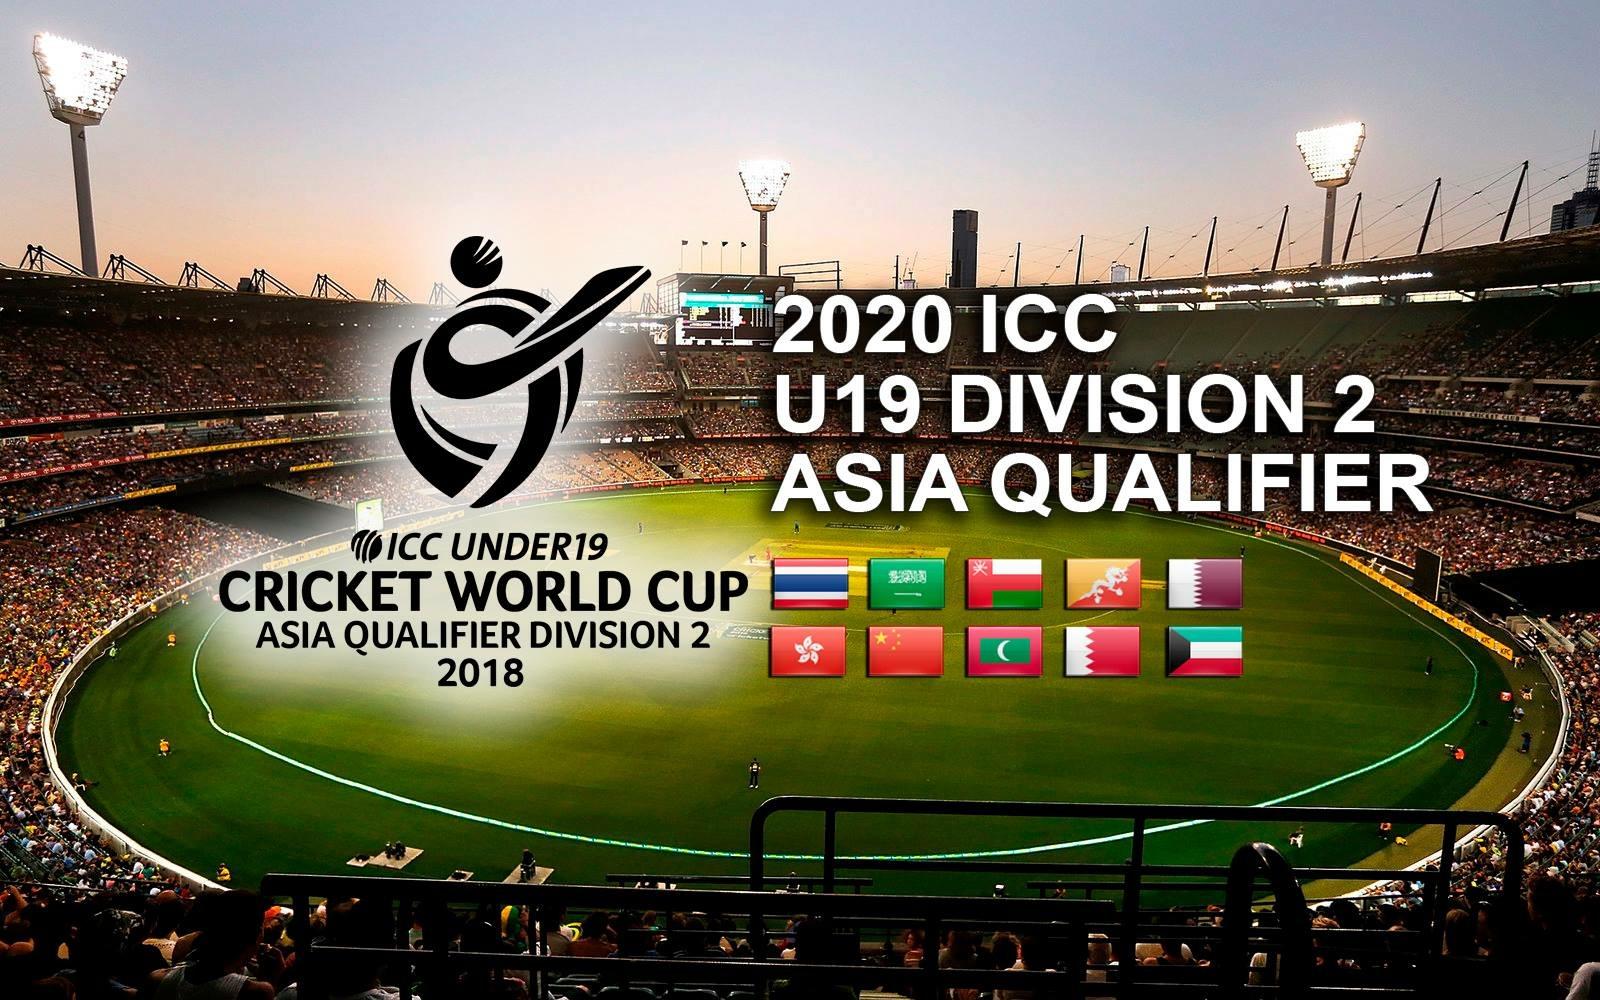 U19 World Cup 2020.Icc World Twenty 20 Asia B Qualifier 2018